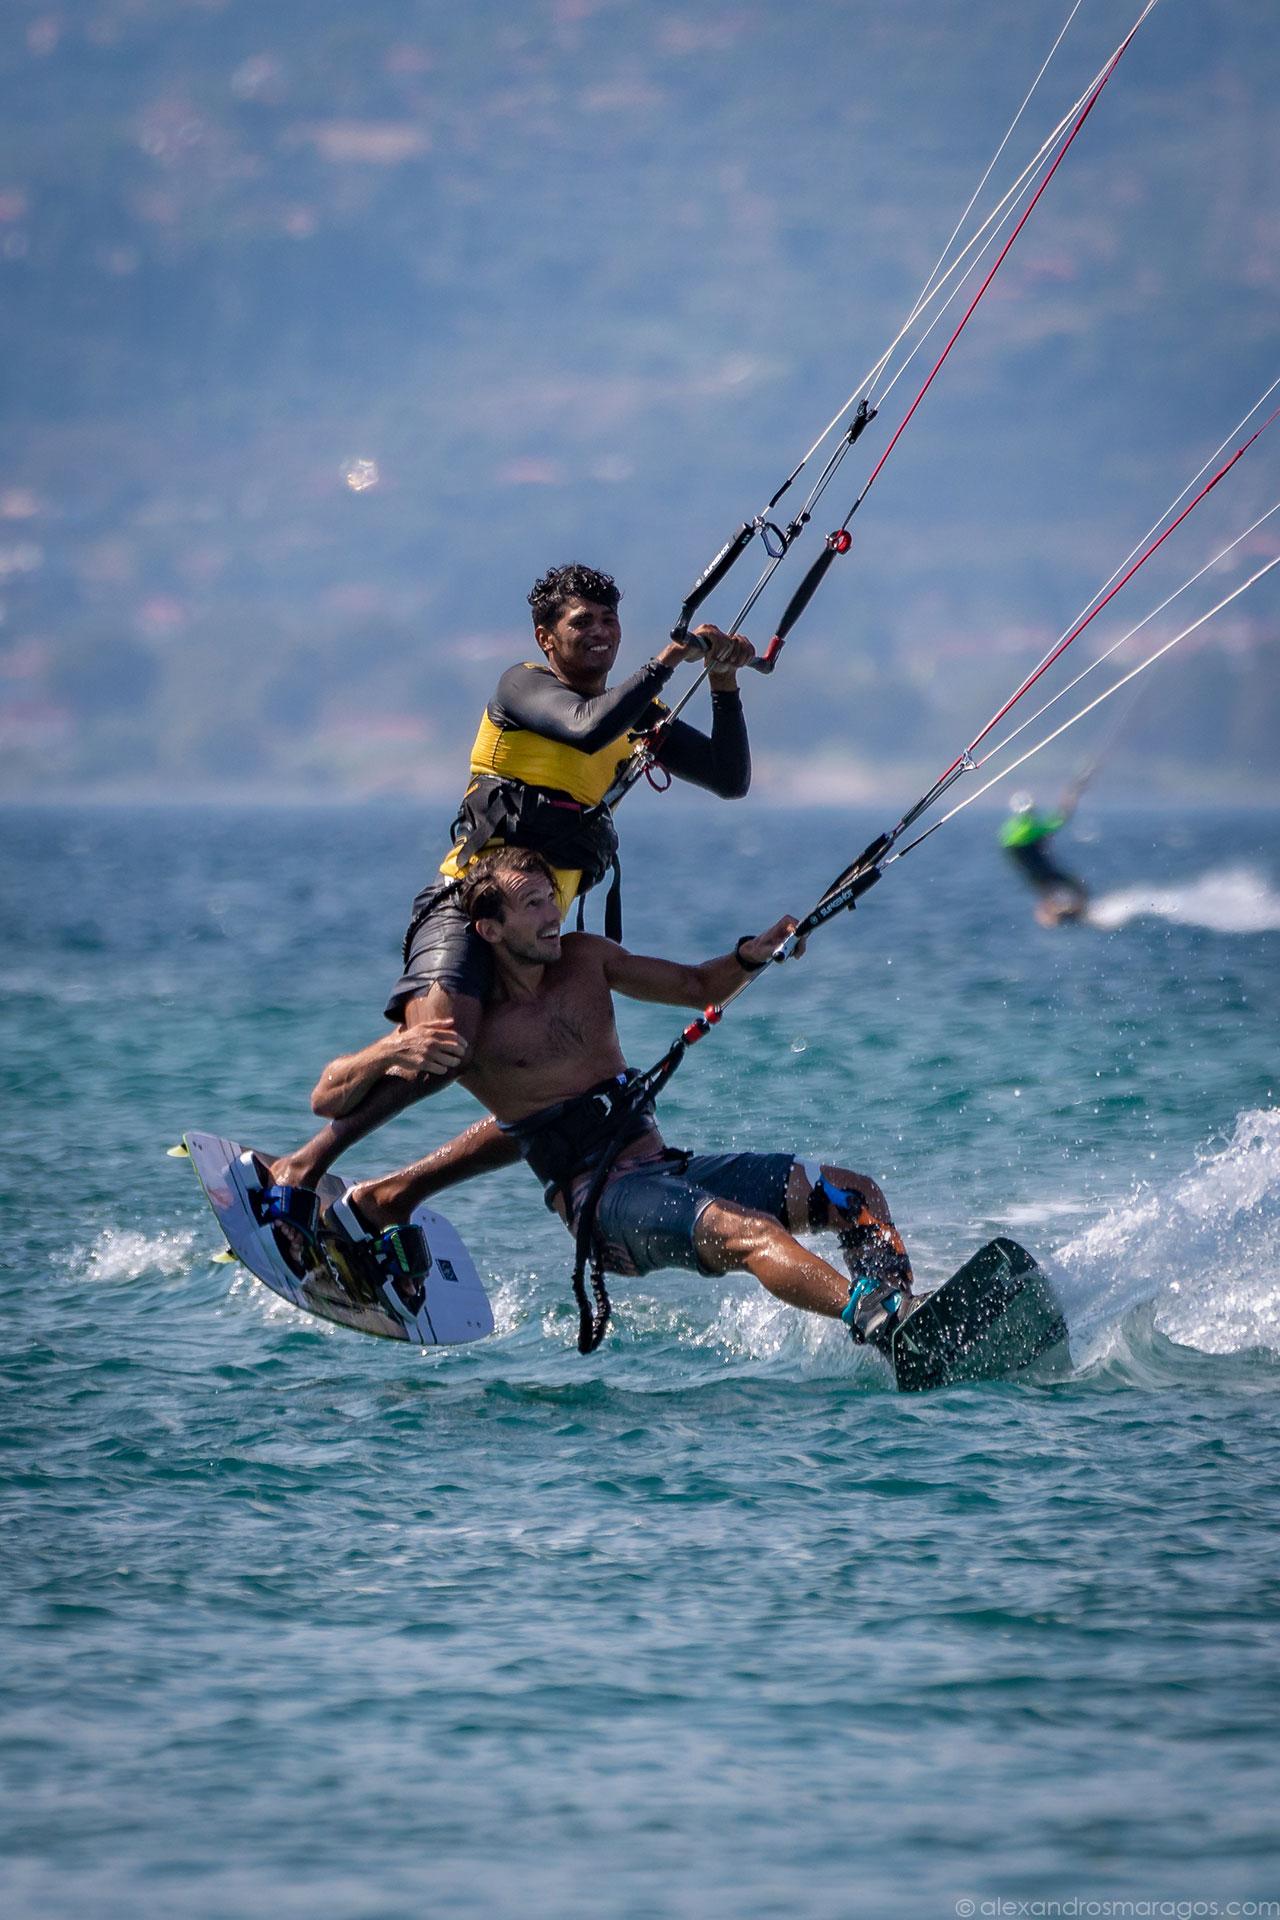 Youri Zoon & Carlos Mario at Kitesurf Festival, Cape Drepano, Greece |© Alexandros Maragos